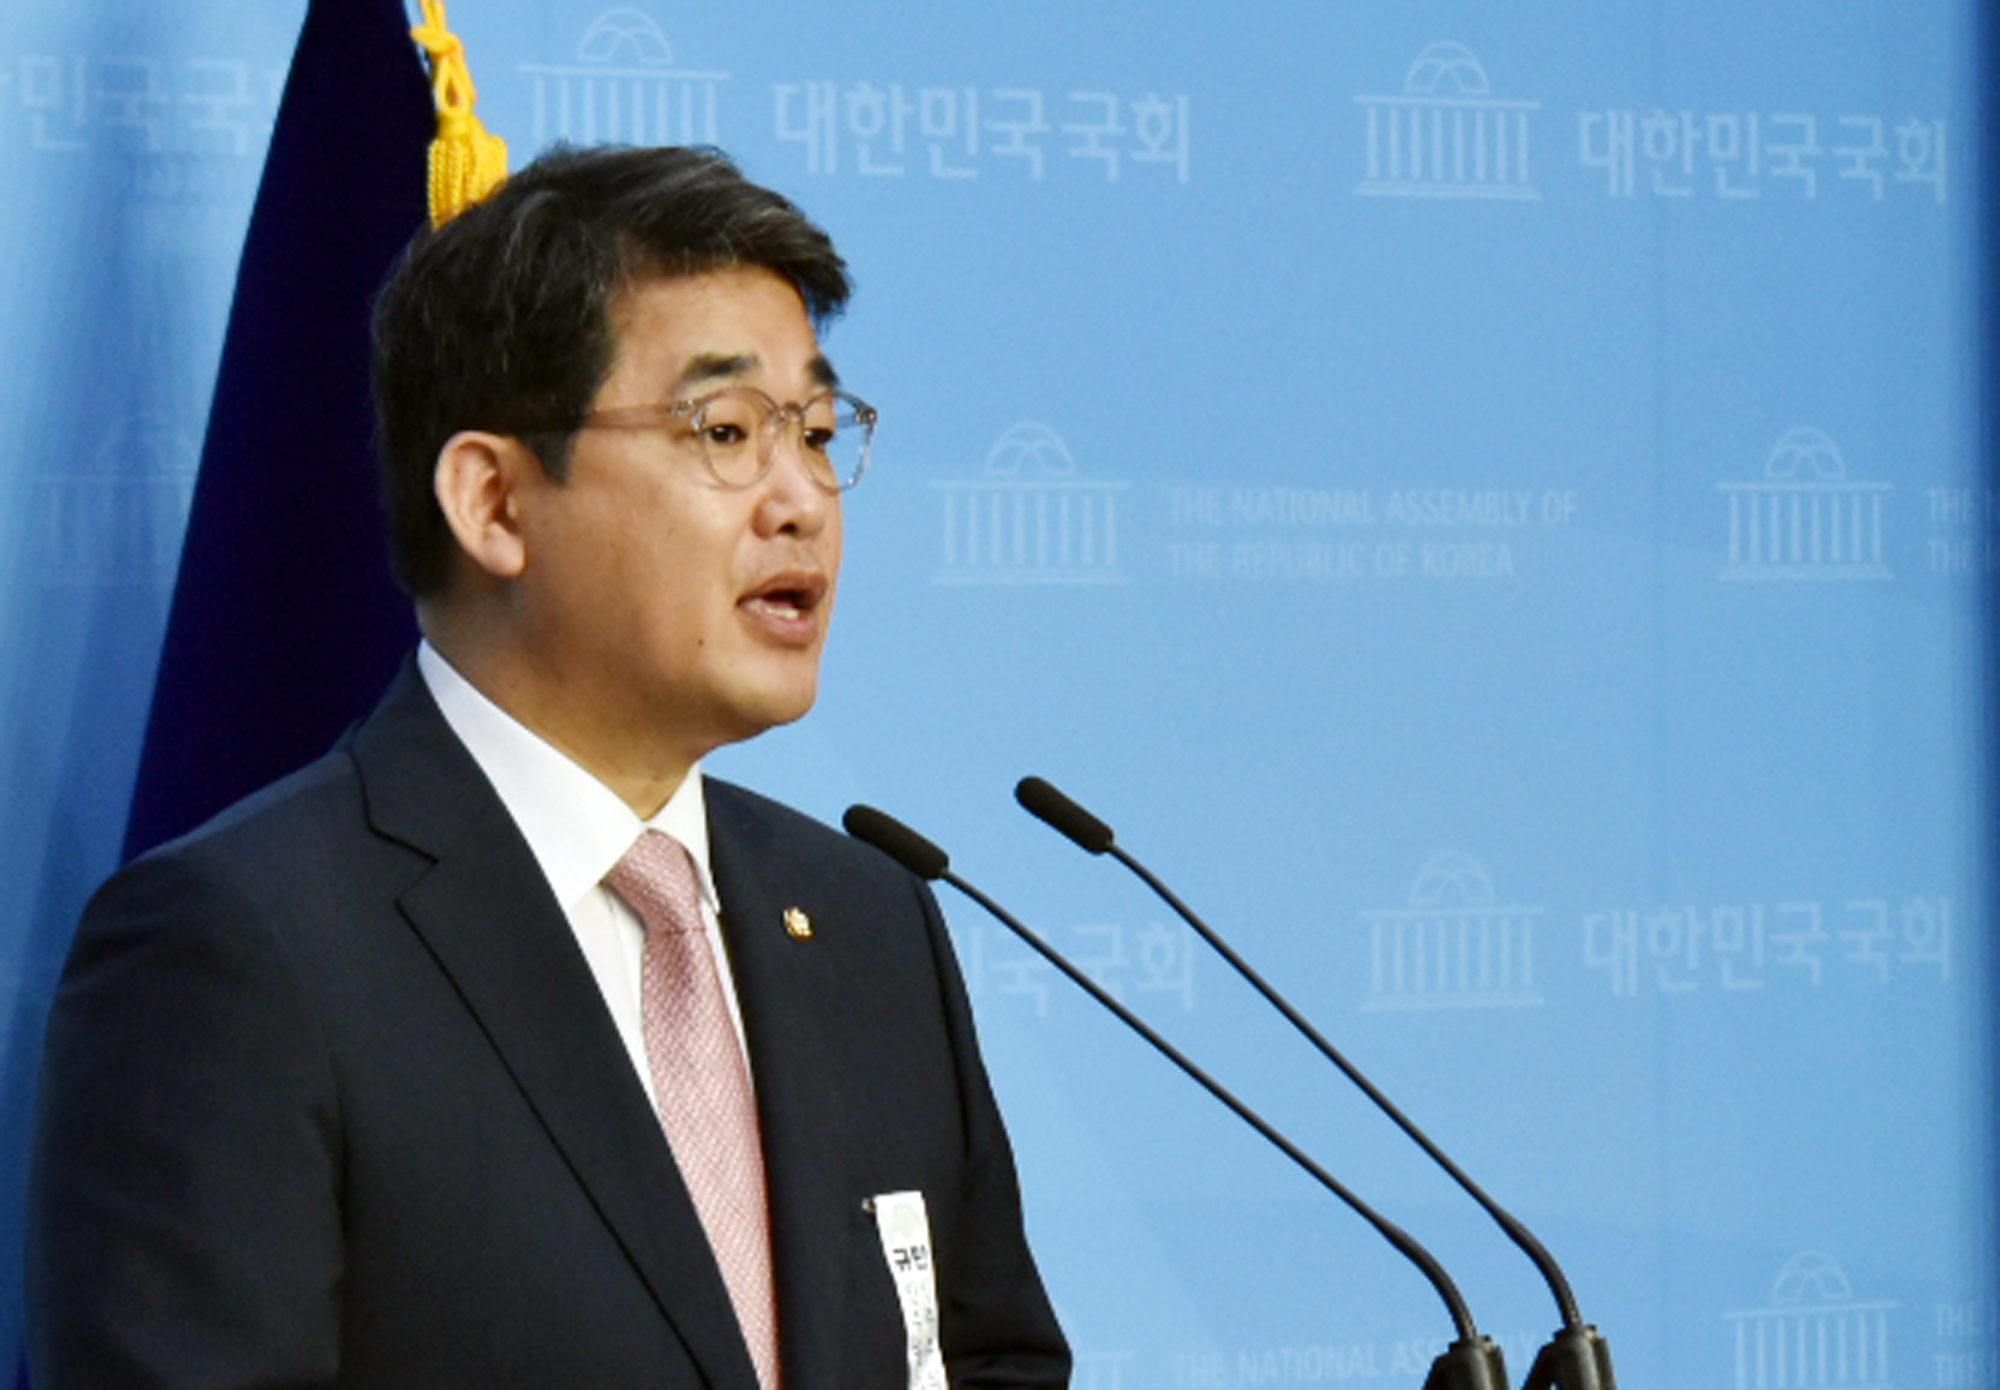 국민의힘 대변인 배준영 의원, 공직선거법 위반 혐의로 입건